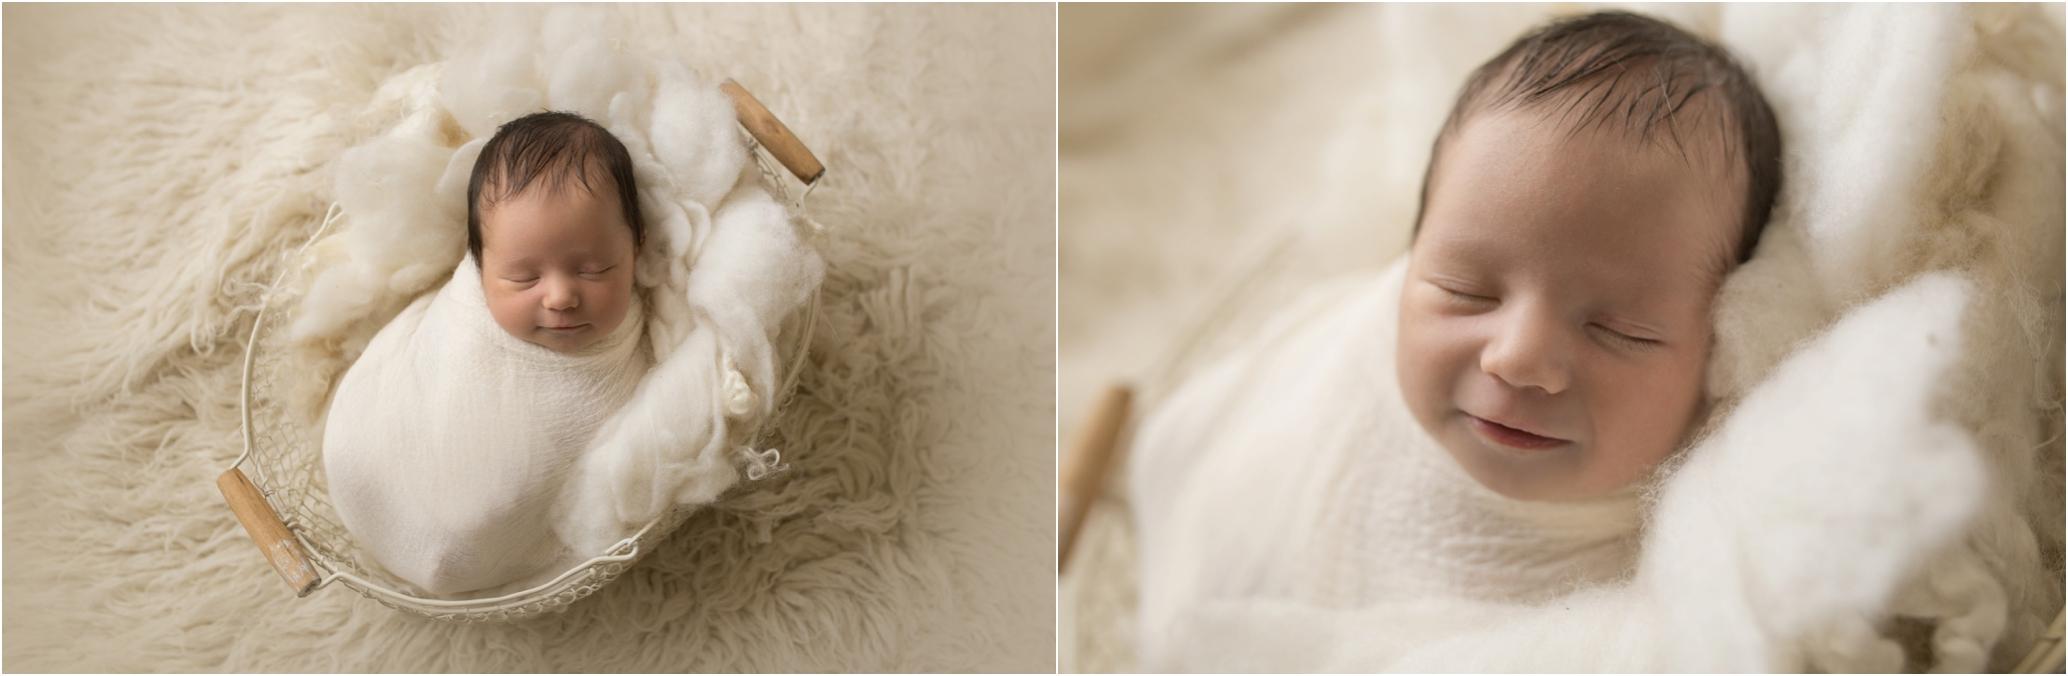 Newborn Photos Geelong_1292.jpg